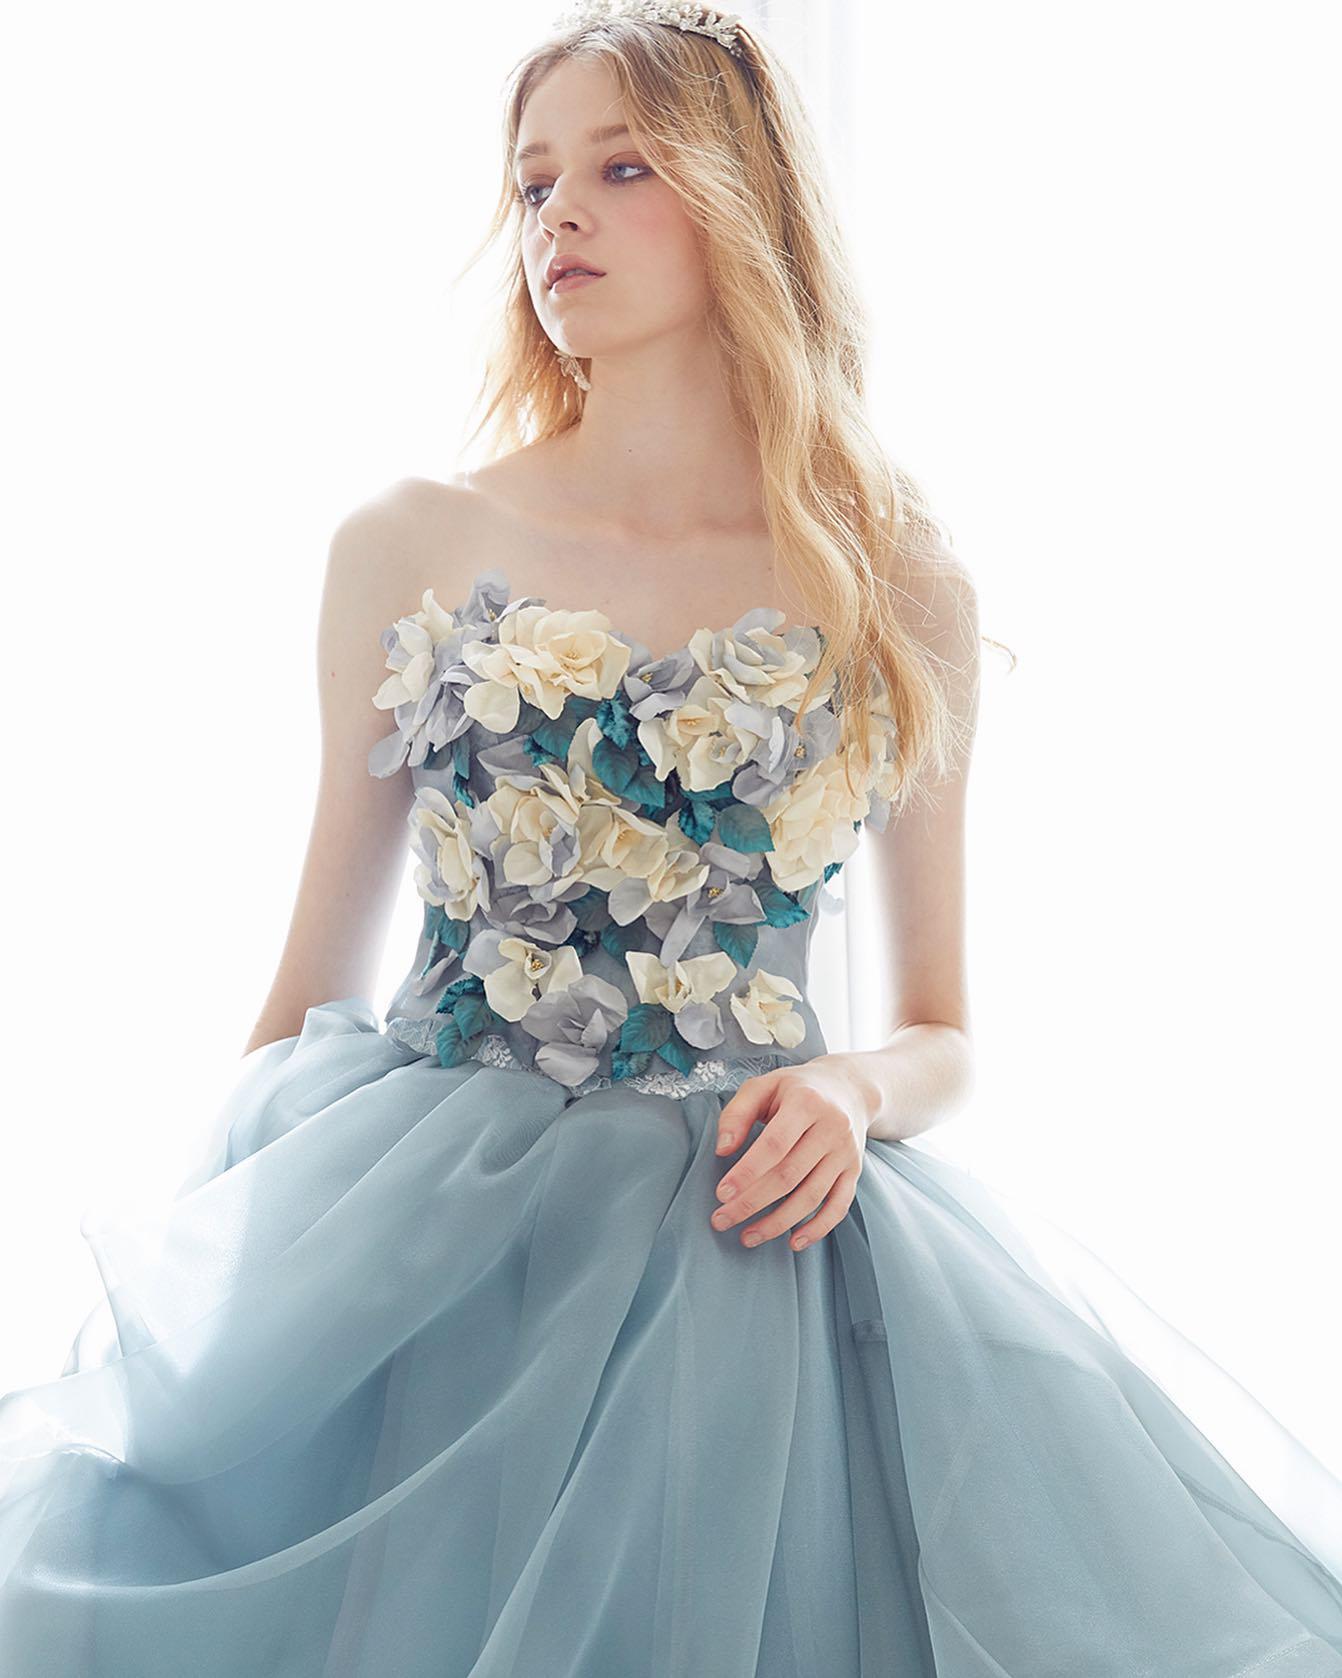 ・今月入荷したばかりのドレスを少しずつご紹介致します・「カラードレス迷子」です…そんなご相談をよくいただきます・当店ではドレスだけでも1000着以上ご用意しておりますきっとお気に入りの一着に出逢えるはず・プロフィール欄から当店HPへリンクしておりますのでぜひご覧下さいませ🕊・#wedding #weddingdress #bridalhiro #kiyokohata#ウェディングドレス #プレ花嫁 #ドレス試着 #2021夏婚 #2021冬婚 #ヘアメイク #結婚式  #ドレス選び #前撮り #後撮り #フォトウェディング #ウェディングヘア  #フォト婚 #前撮り写真 #ブライダルフォト #カップルフォト #ウェディングドレス探し #ウェディングドレス試着 #レンタルドレス #ドレスショップ #家族婚 #ブライダルヒロ #キヨコハタ #キヨコハタドレス